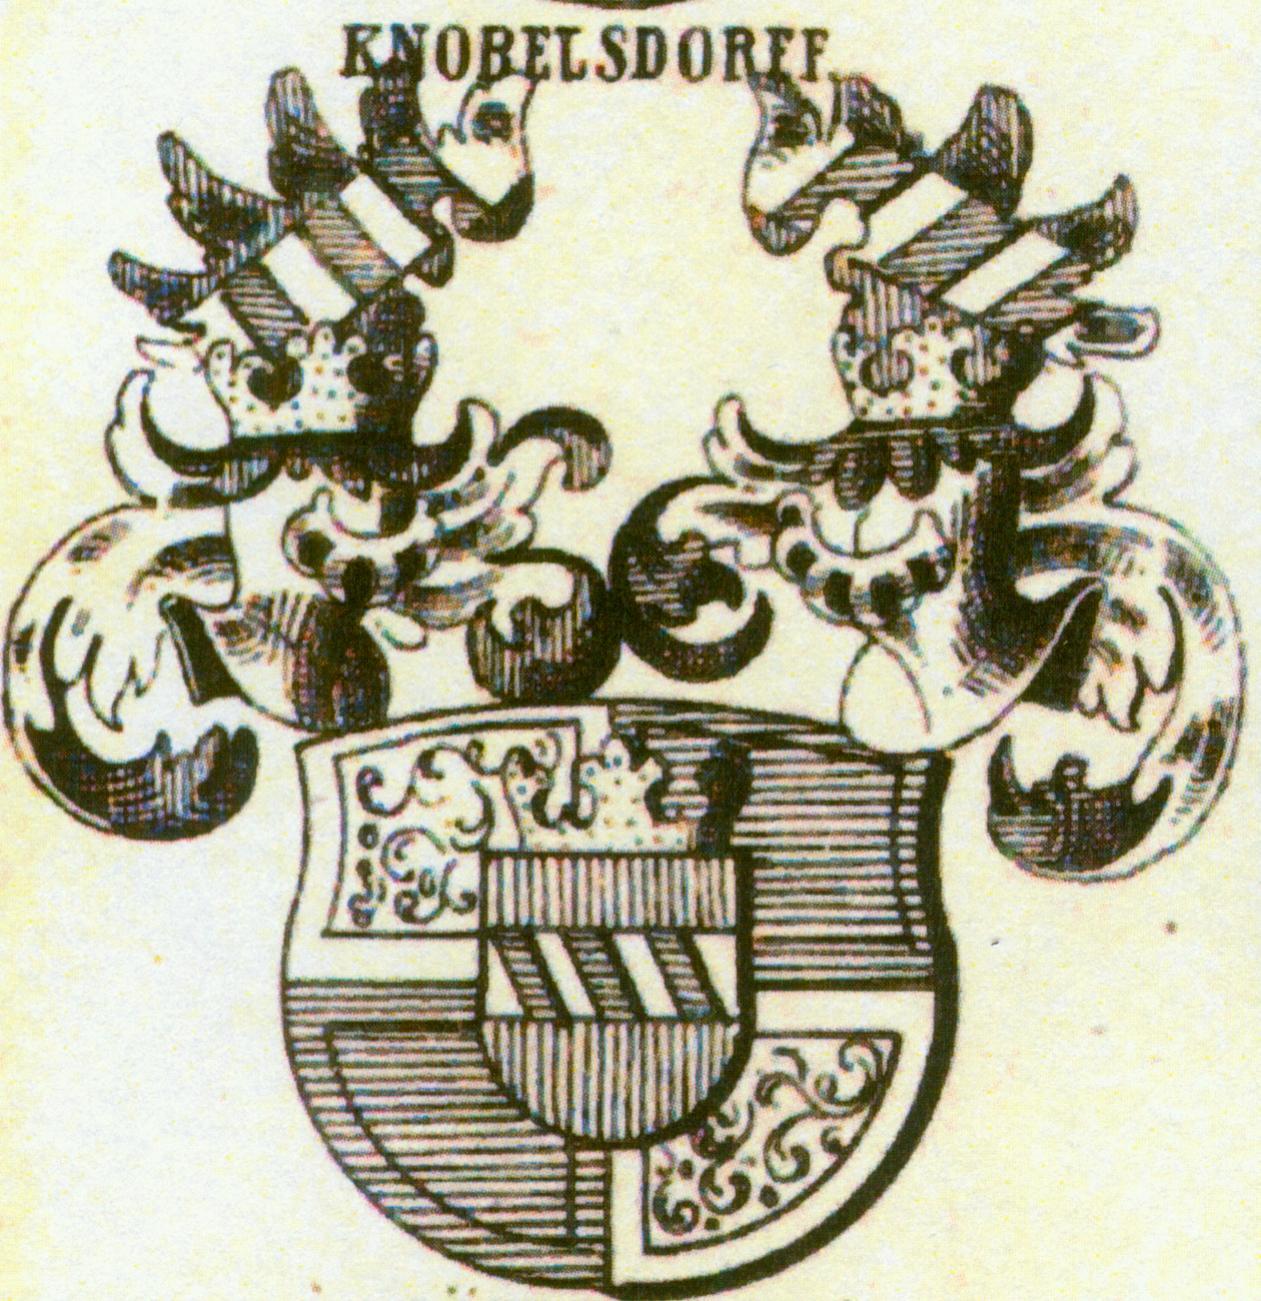 Knobelsdorff